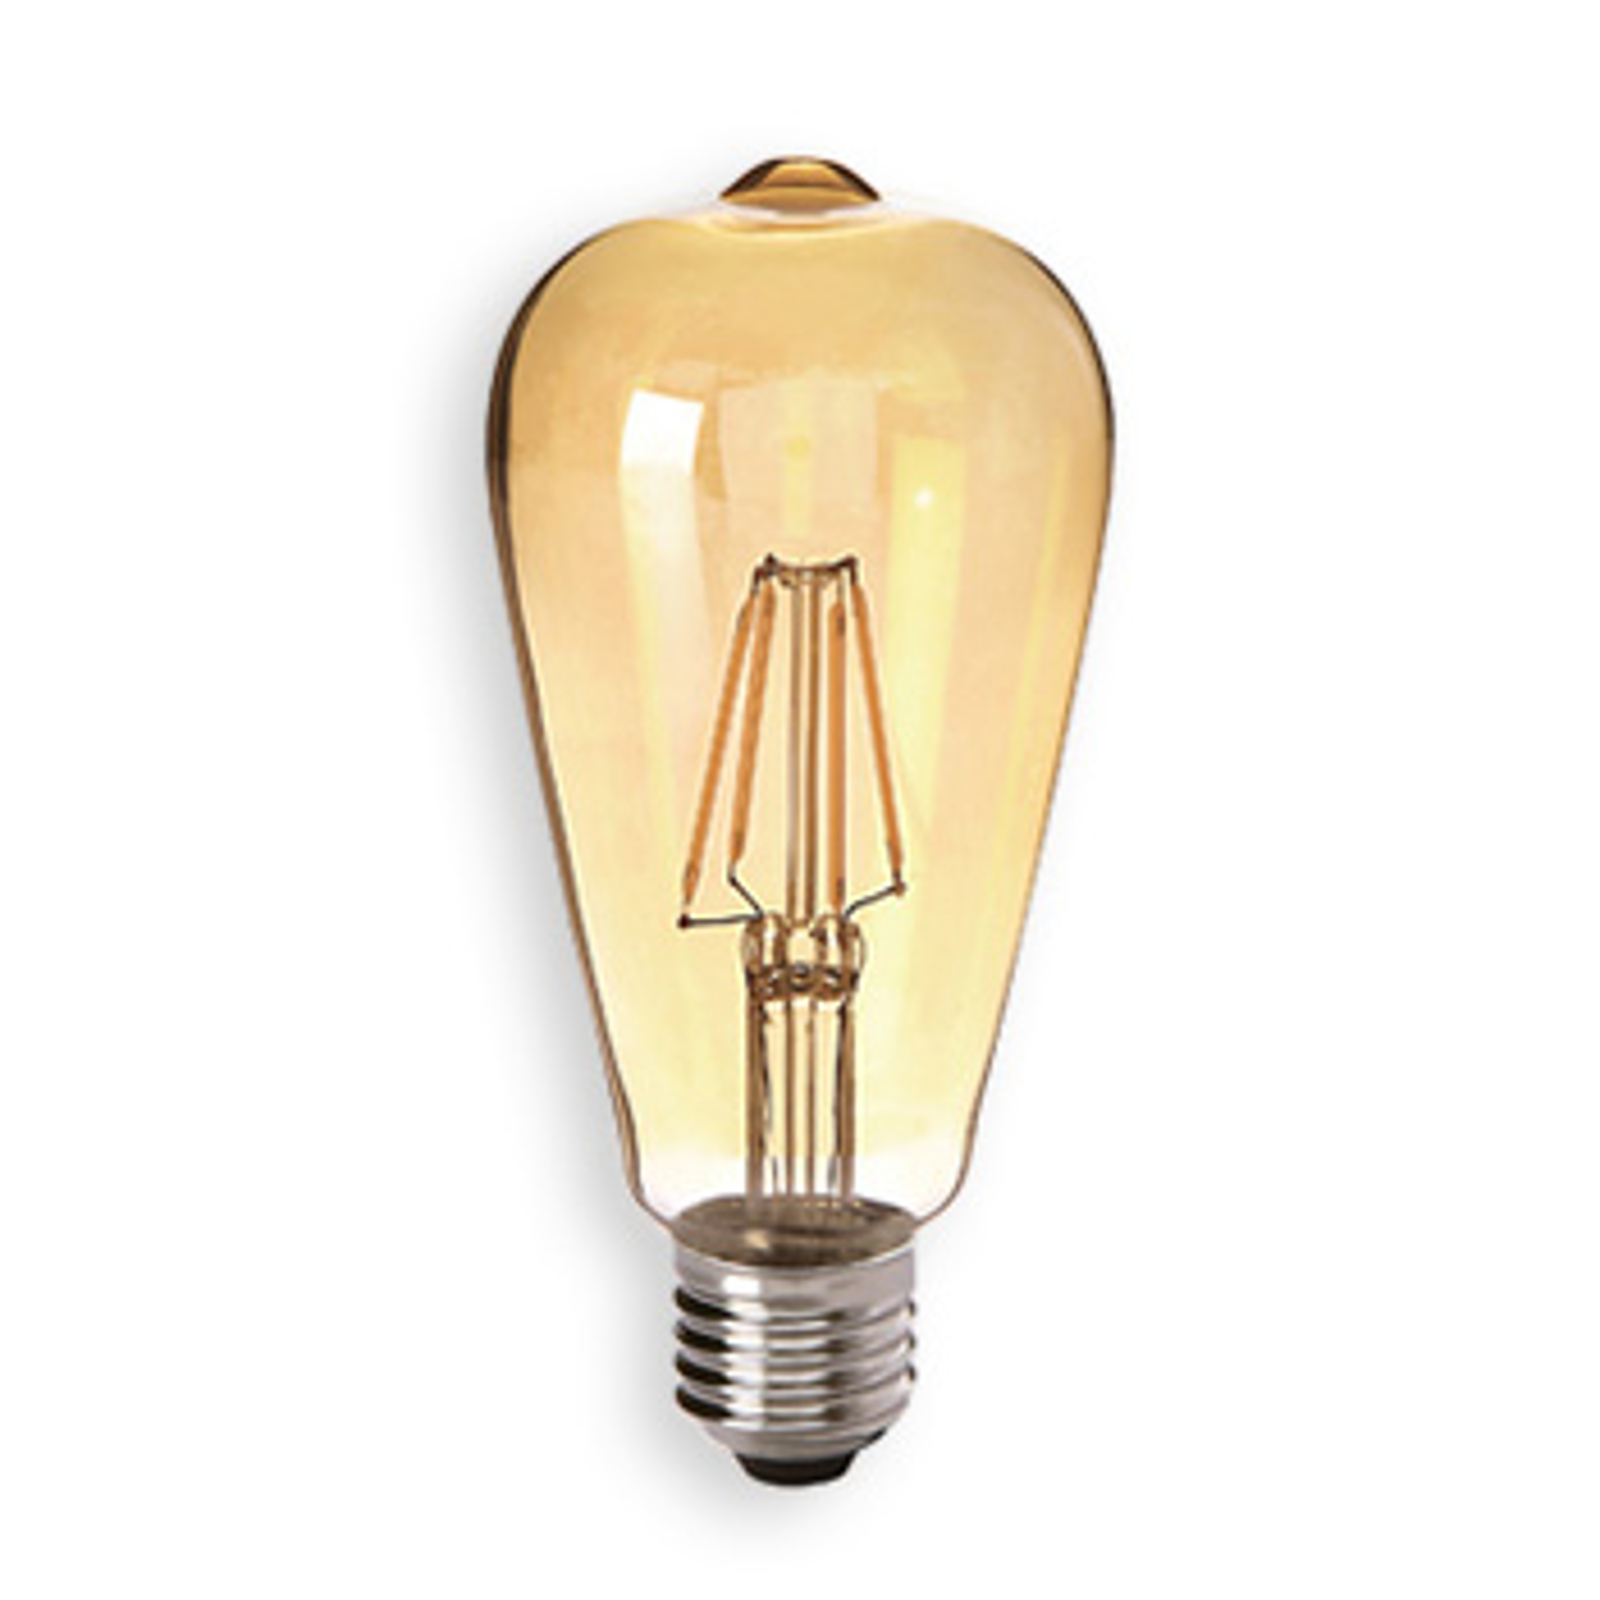 Ampoule LED rustique E27 4W 824 dorée, transpar.